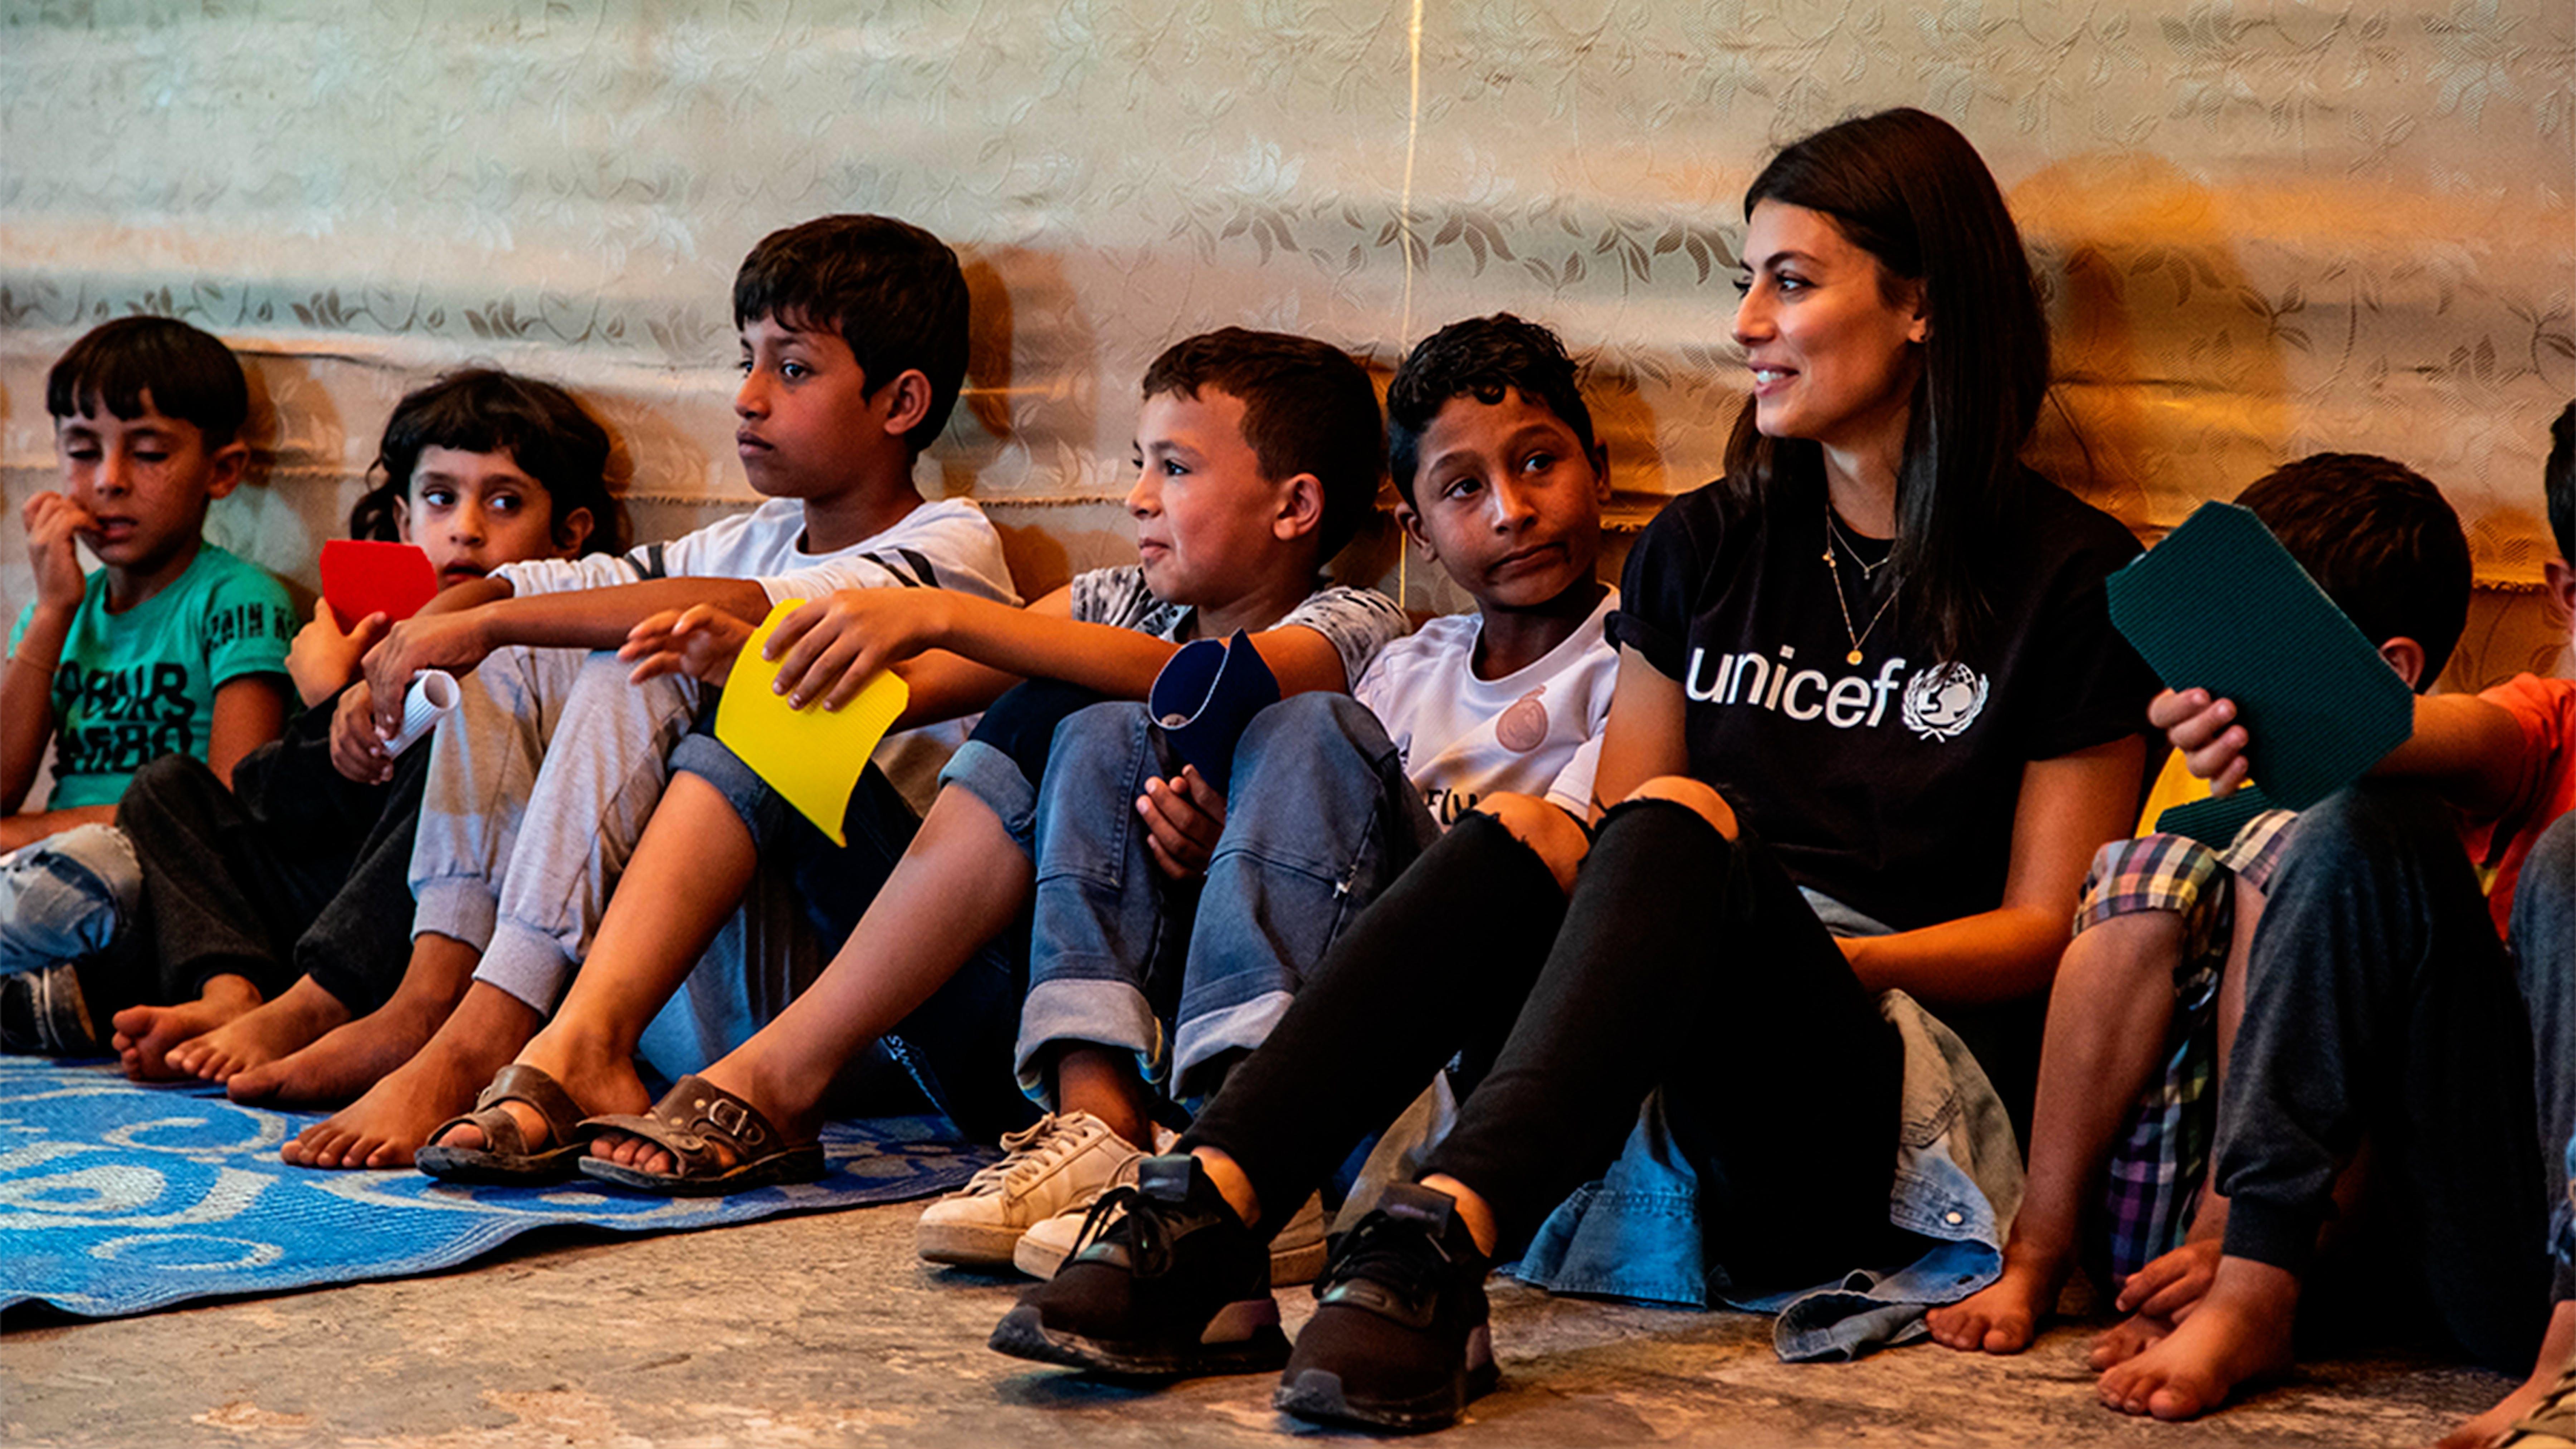 ambasciatore unicef, libano